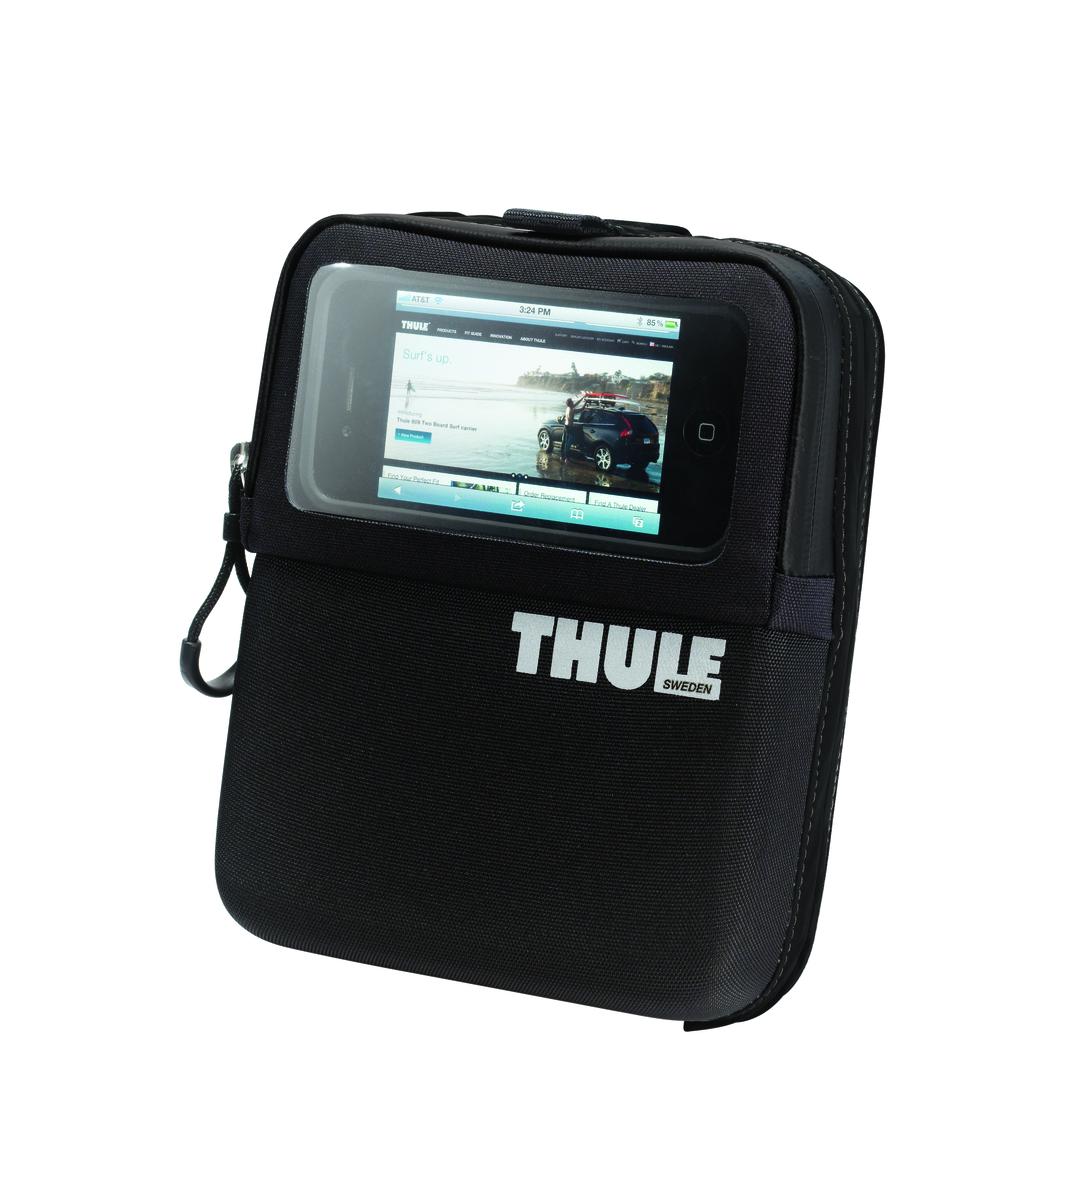 Сумка на руль Thule Pack n Pedal Bike Wallet, для смартфонов и мелочей, цвет: черный, 1,25 л100004Органайзер для смартфонов, ключей и других мелких предметов. Удобный доступ к устройствам GPS-навигации благодаря прозрачной крышке.Легкая установка и снятие с размещаемой на руле системы Thule Pack 'n Pedal Handlebar Attachment.Накидка от дождя в комплекте.